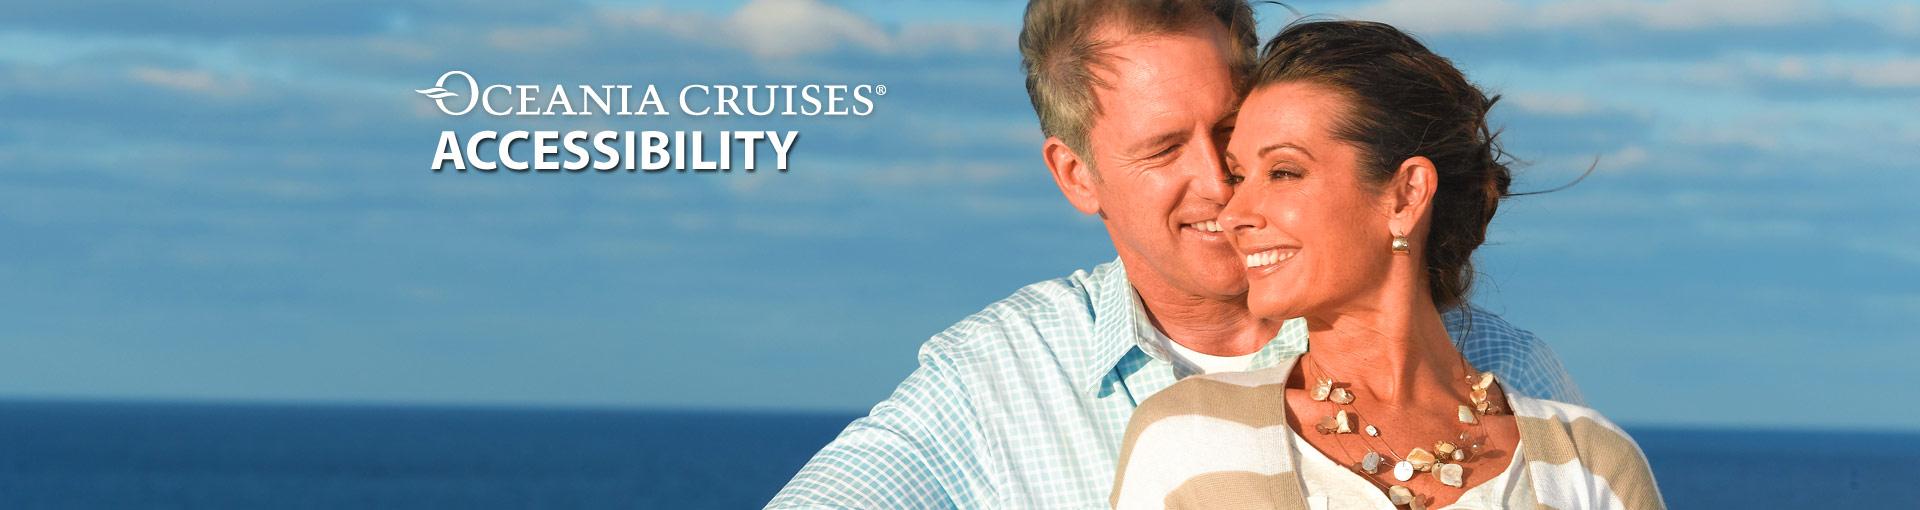 Oceania Cruises Accessibility